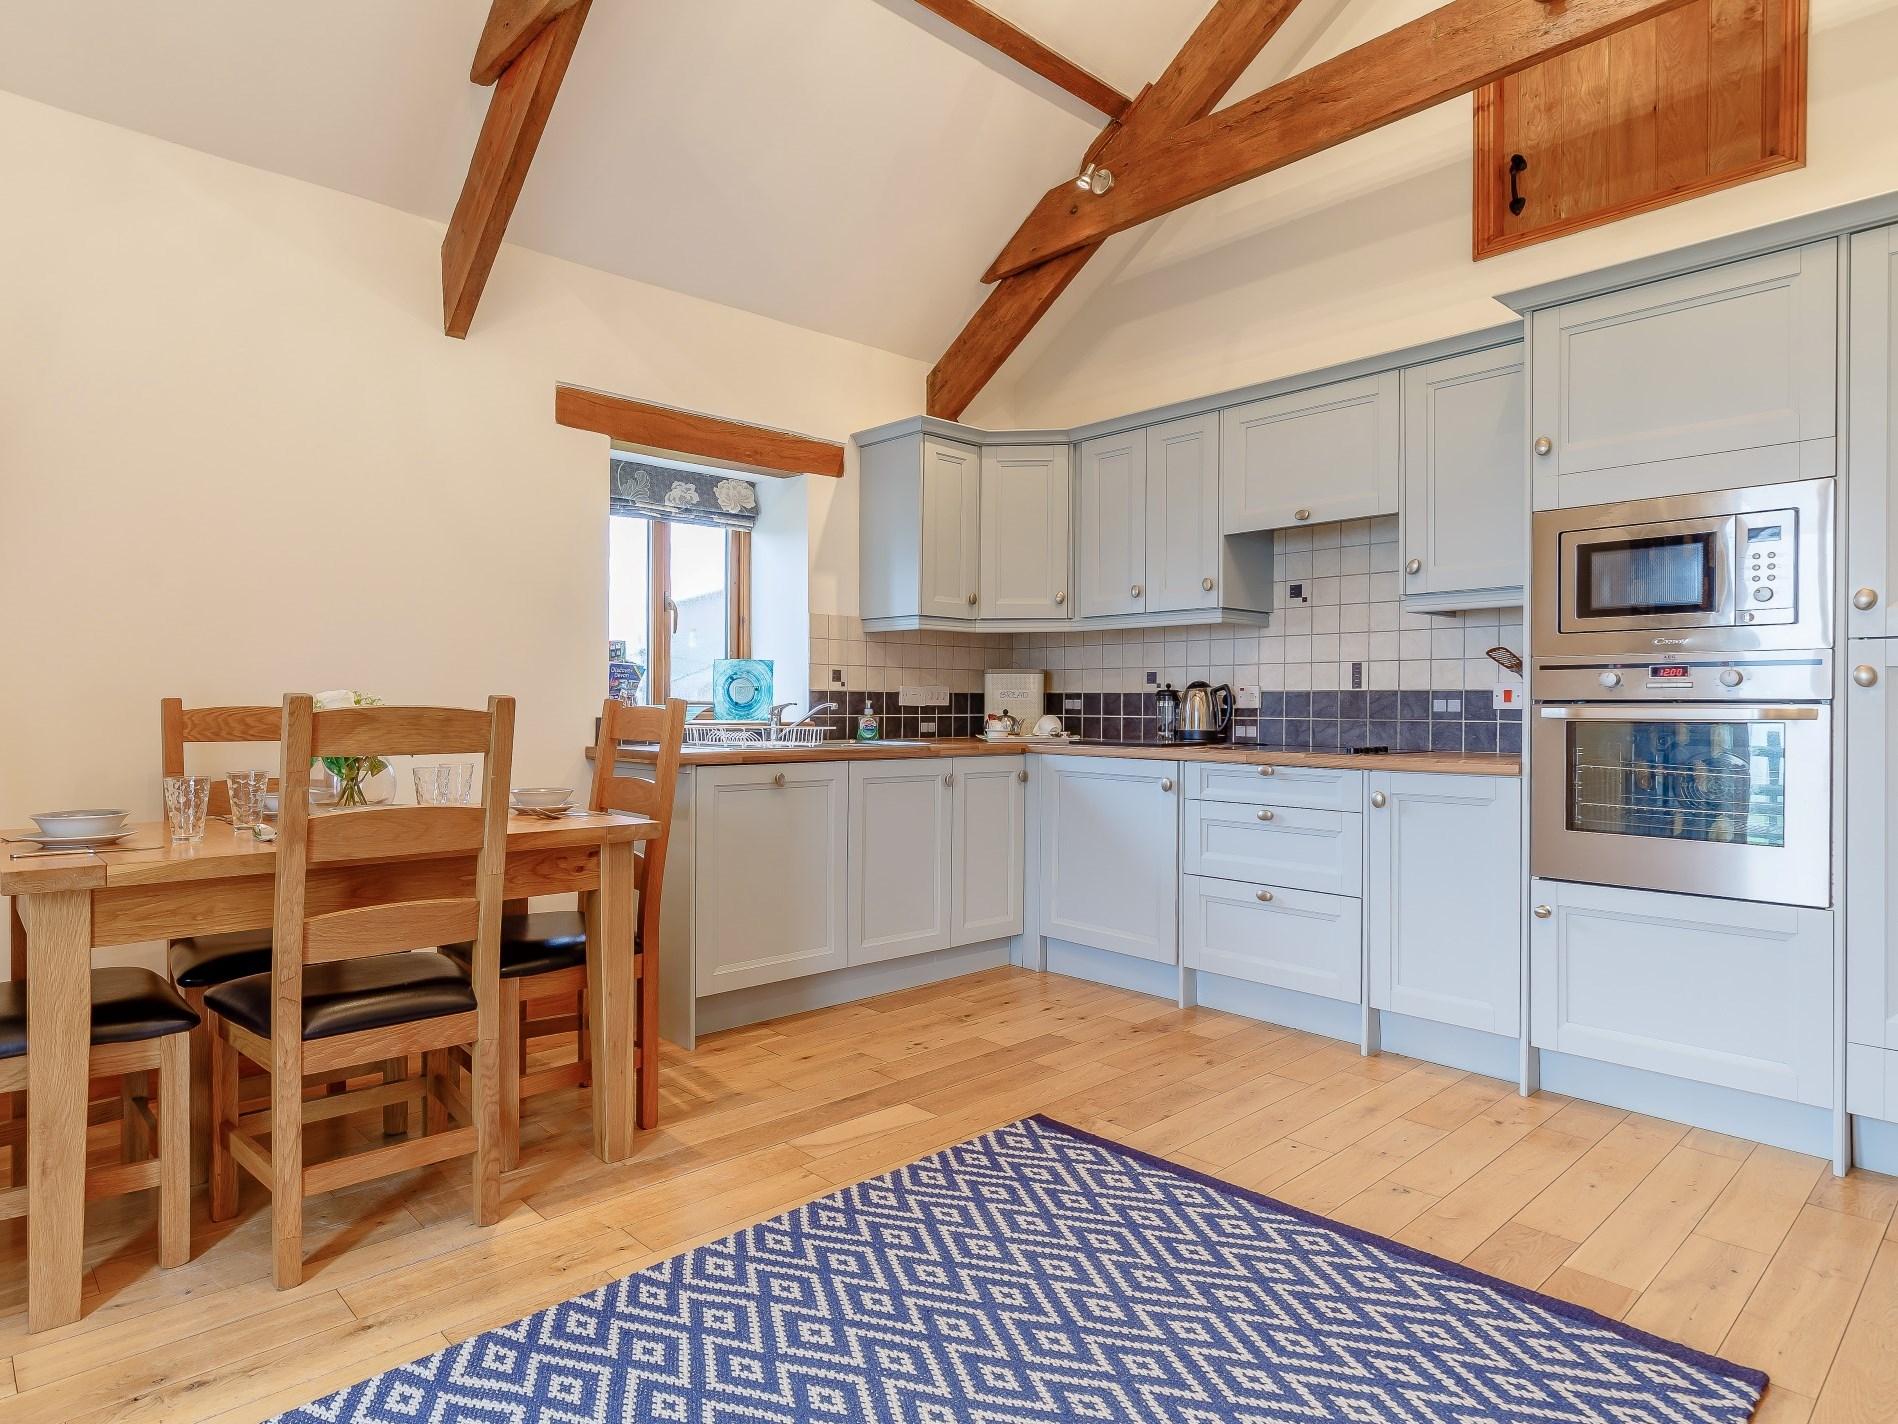 1 Bedroom Barn in North Devon, Devon